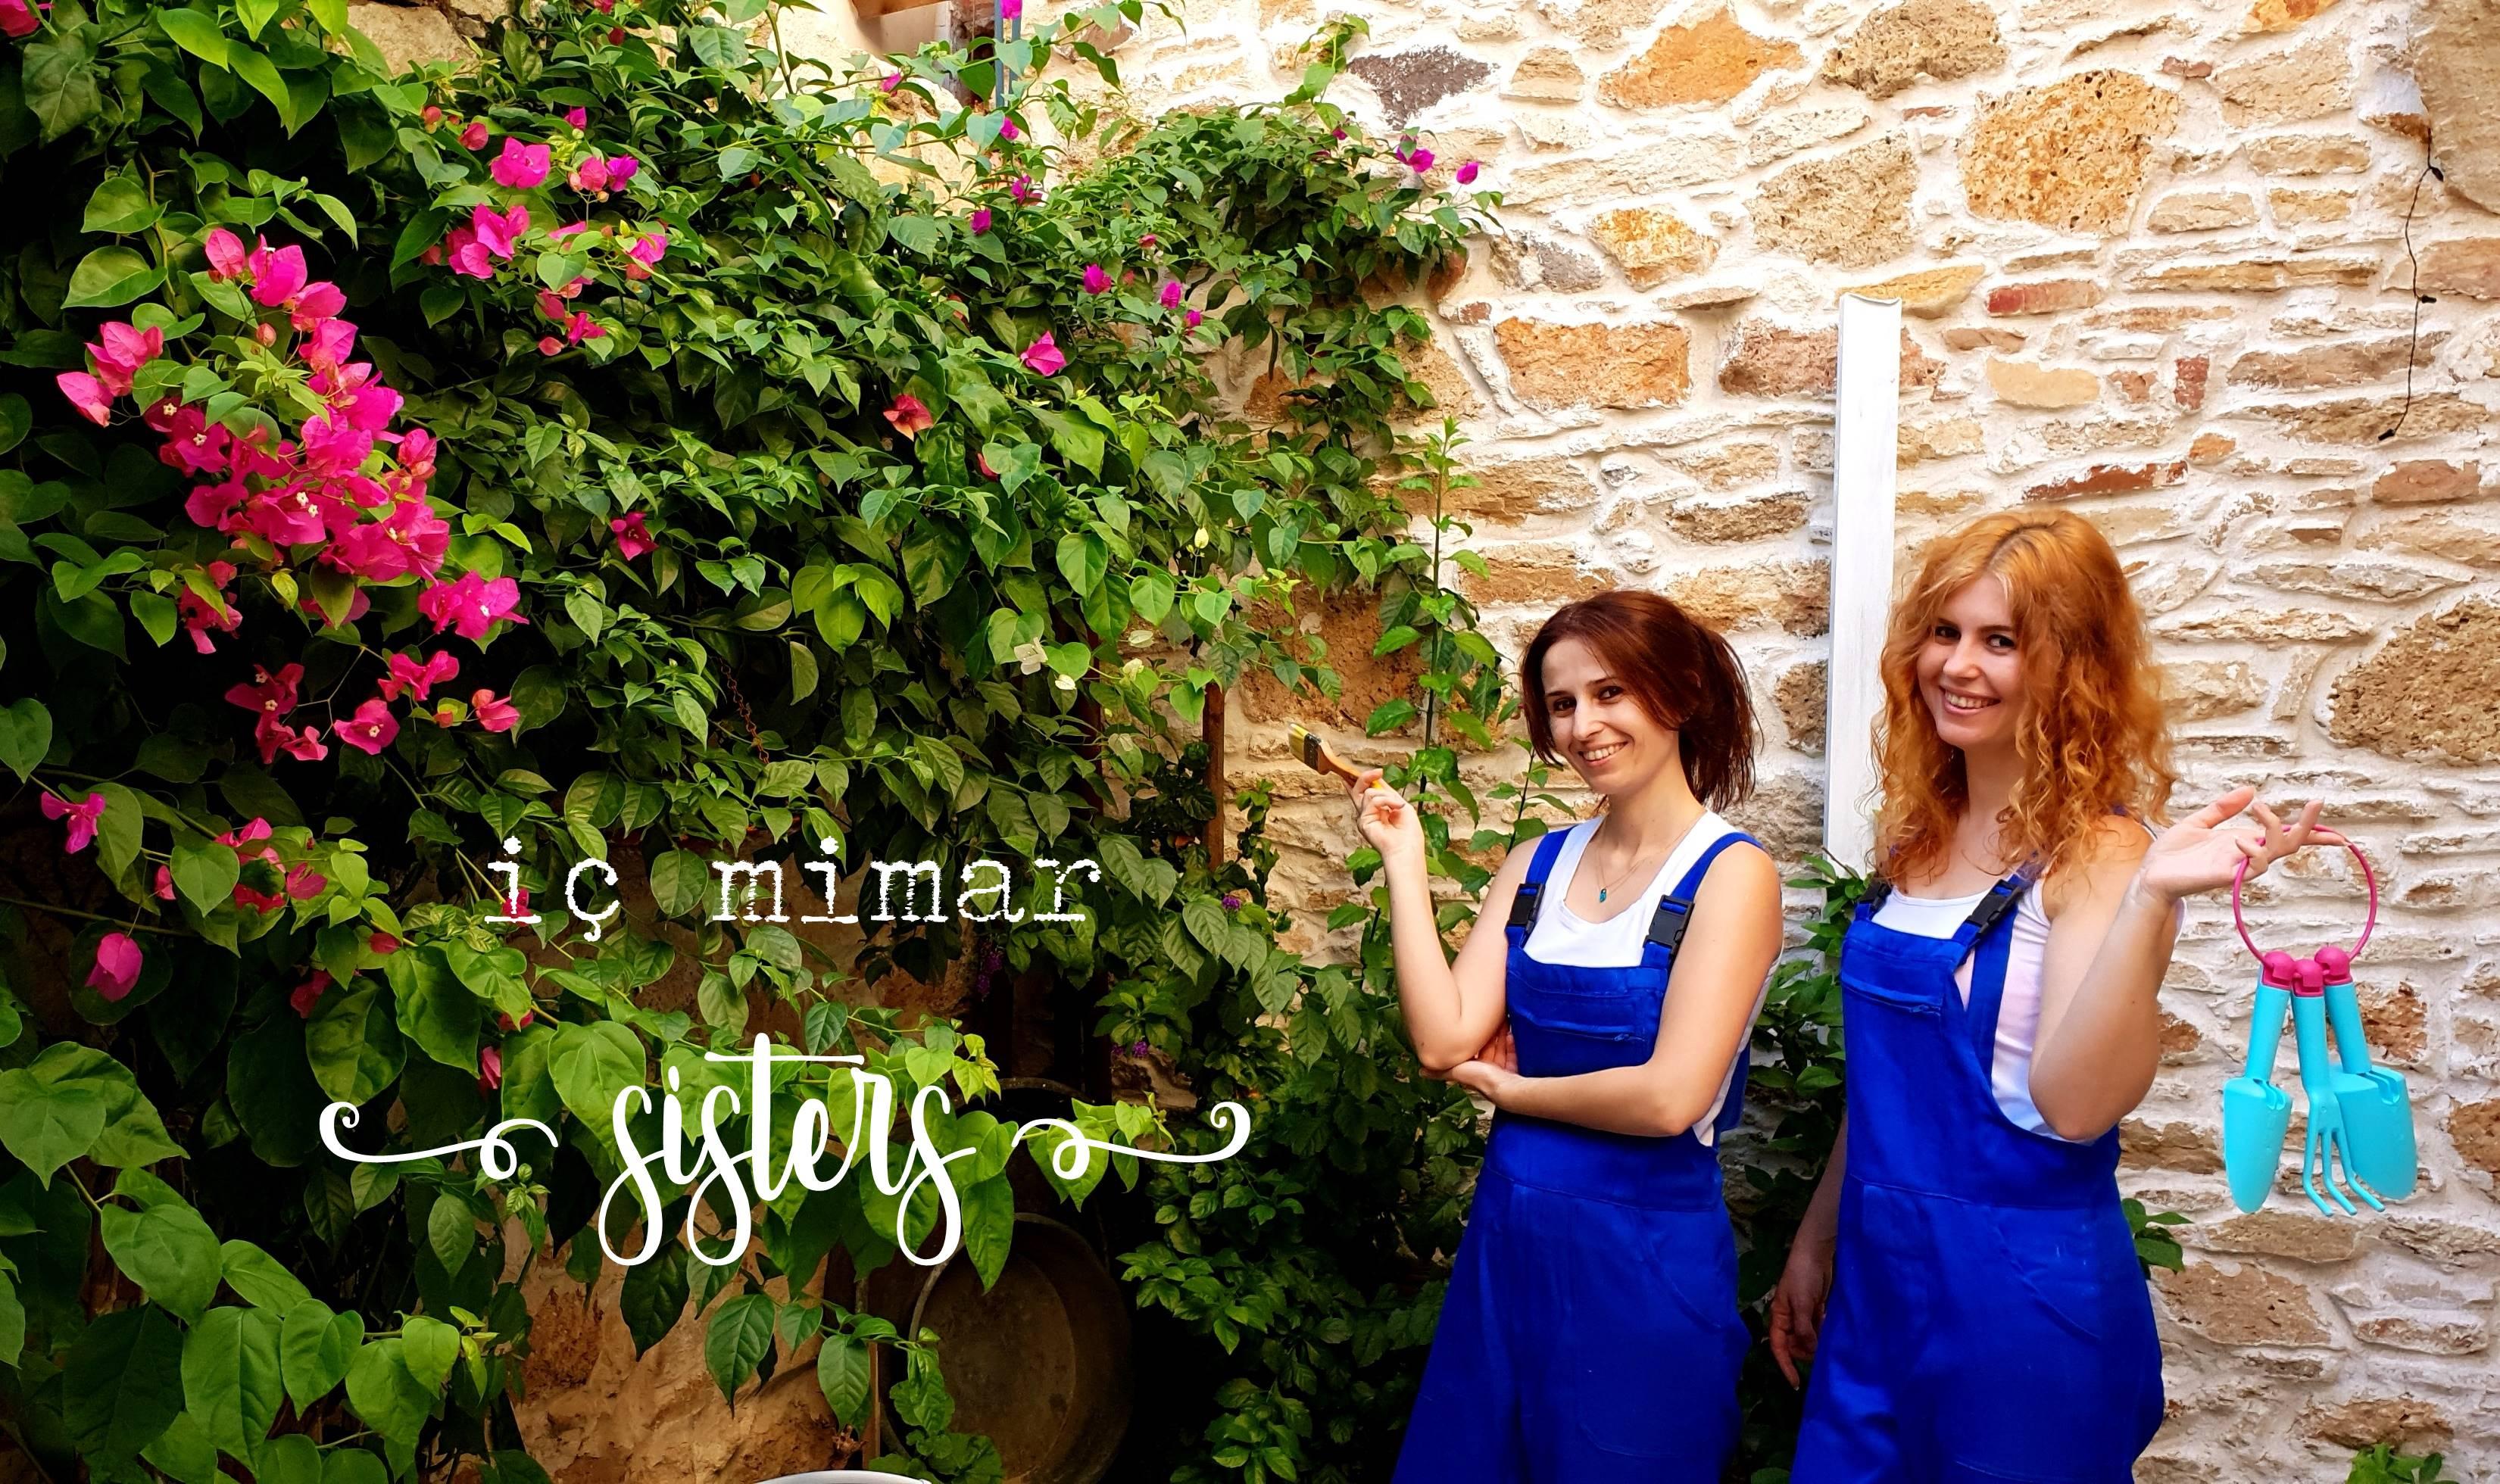 iç mimar sisters